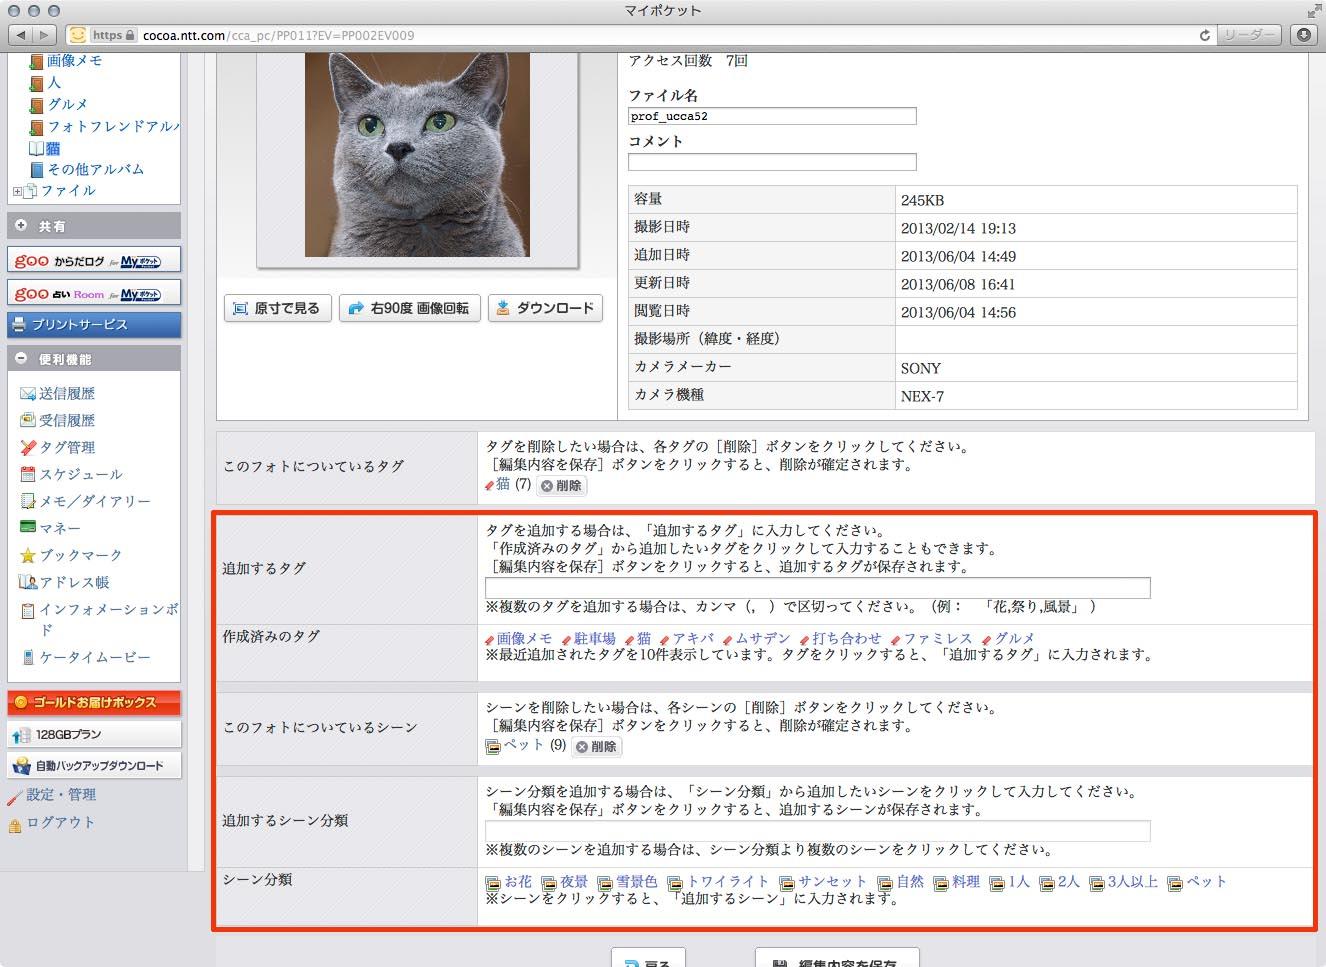 それぞれの写真には「タグ」や「シーン」と呼ばれる絞り込み検索用キーワードを付加できる。